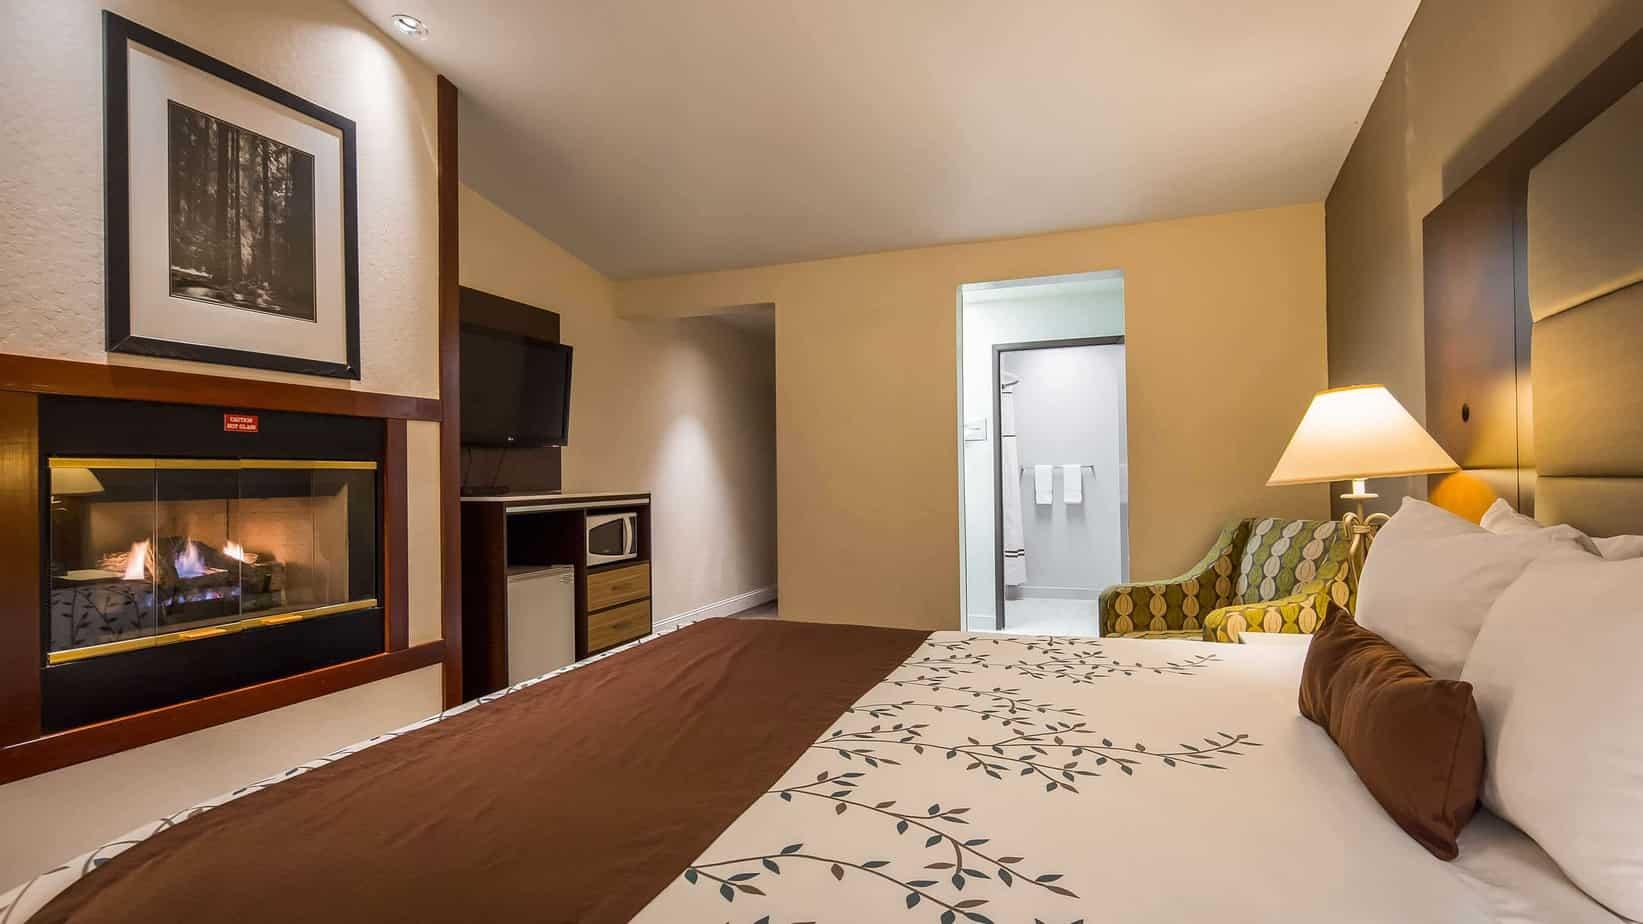 Best-Western-Hotel-Room